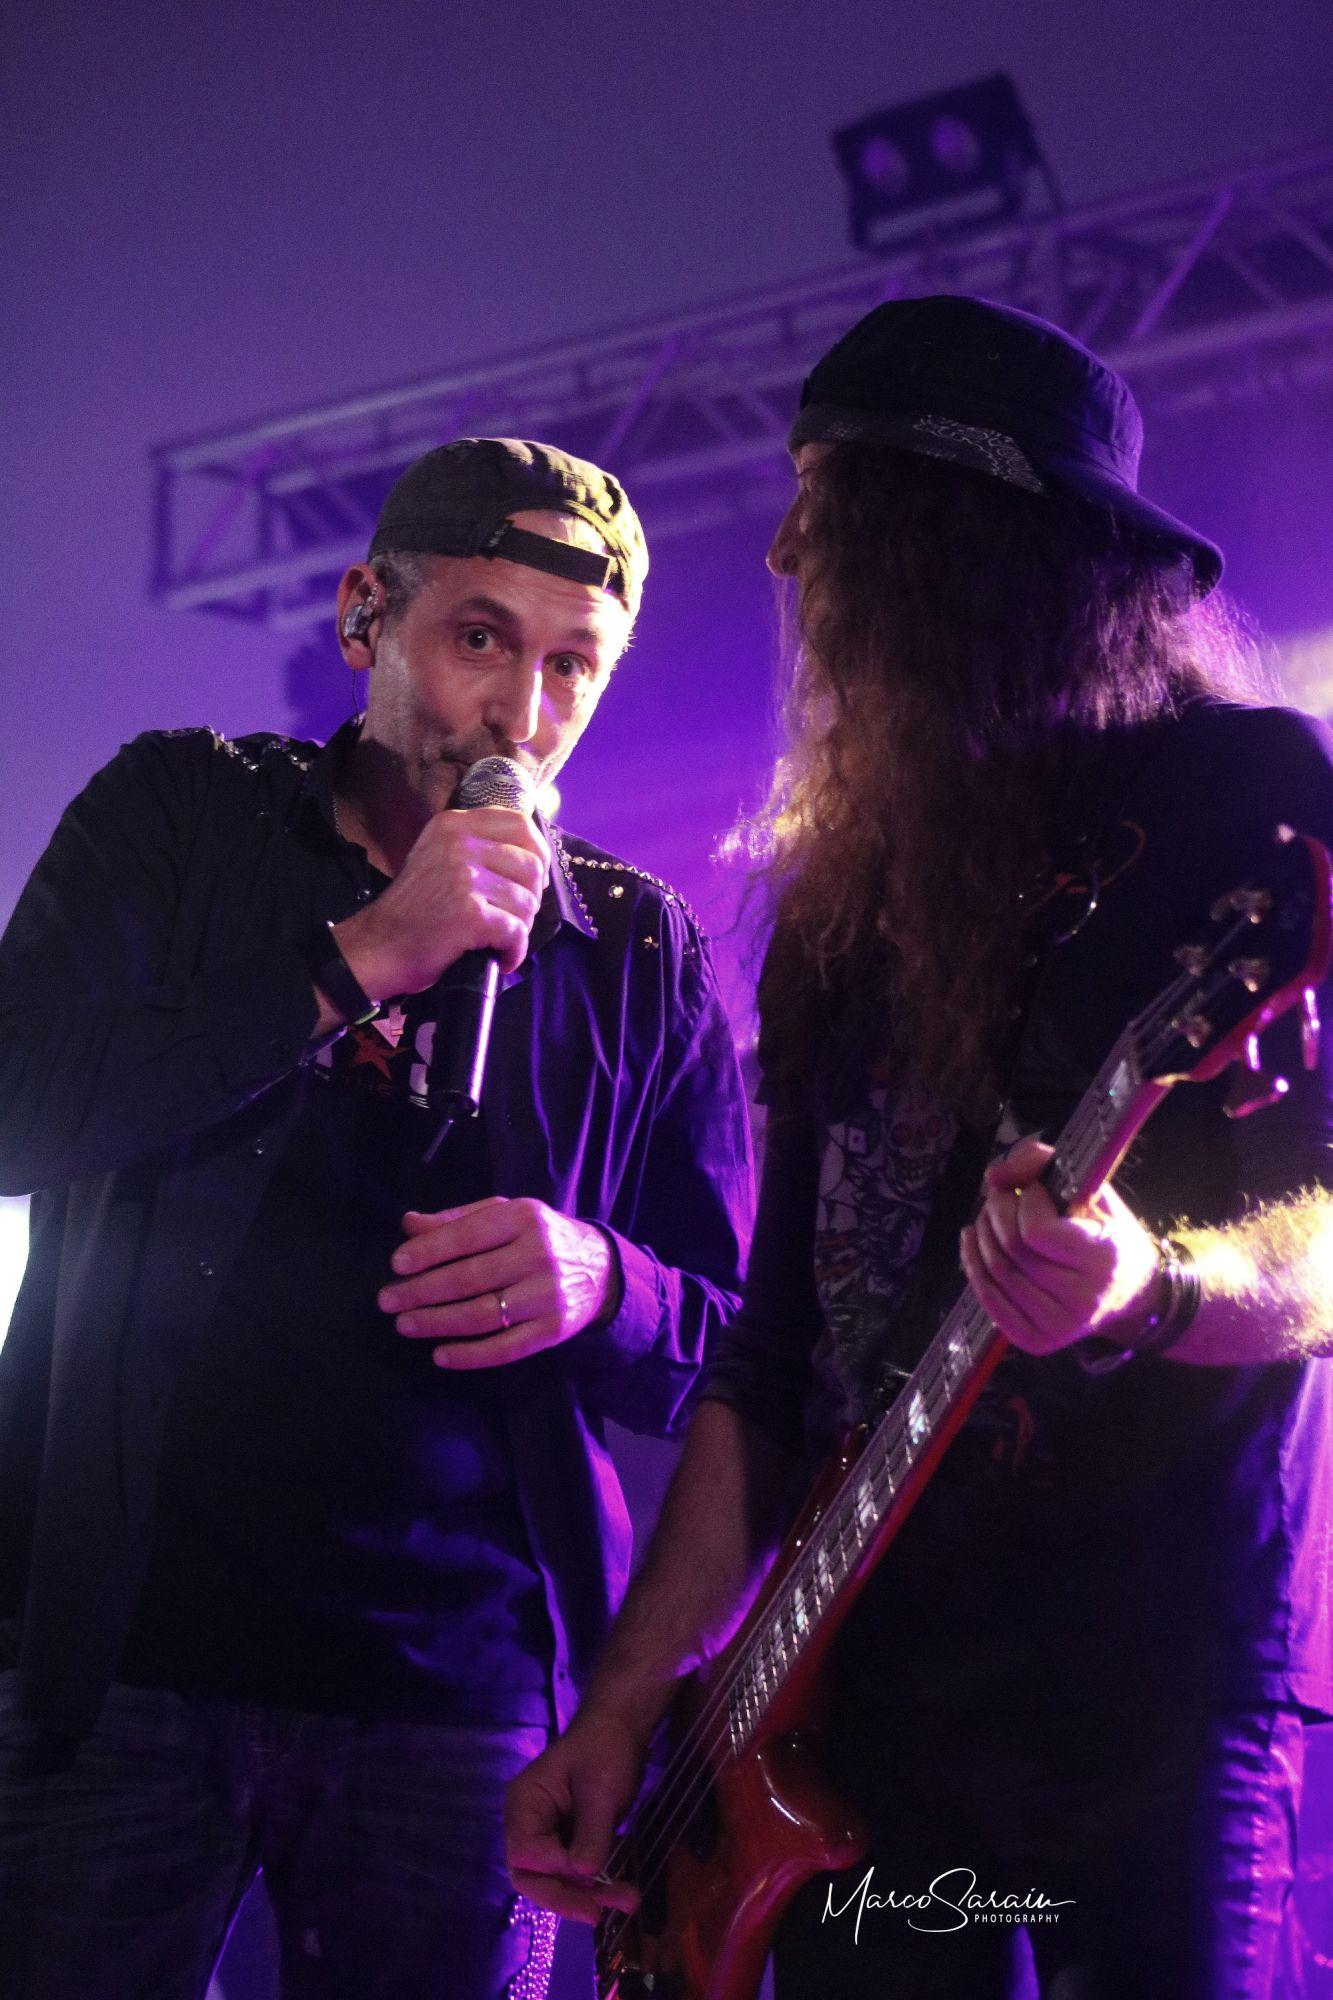 ROCK★STAR Vasco Tribute e Andrea Braido @ Bibione Piazzale Zenith 2020